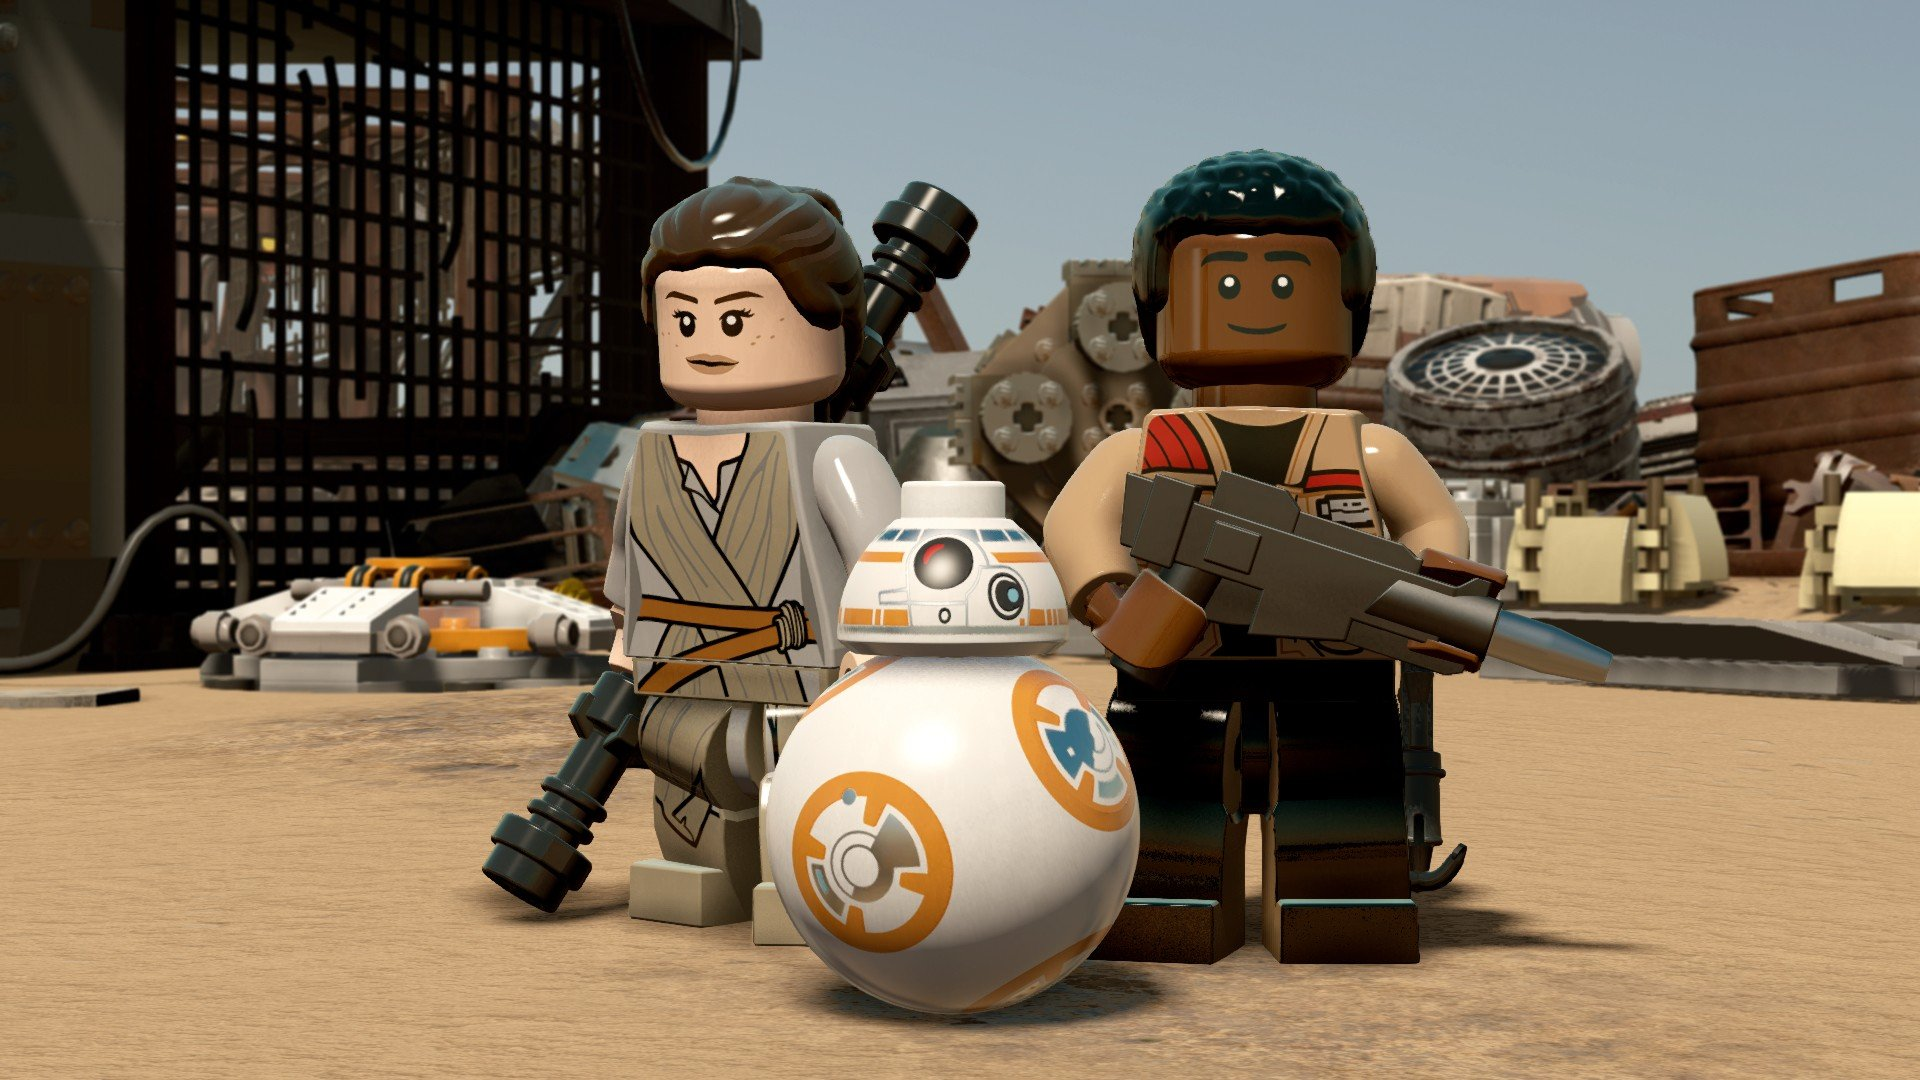 Lego-Star-Wars-Das-Erwachen-der-Macht_Rey_Finn_BB-8